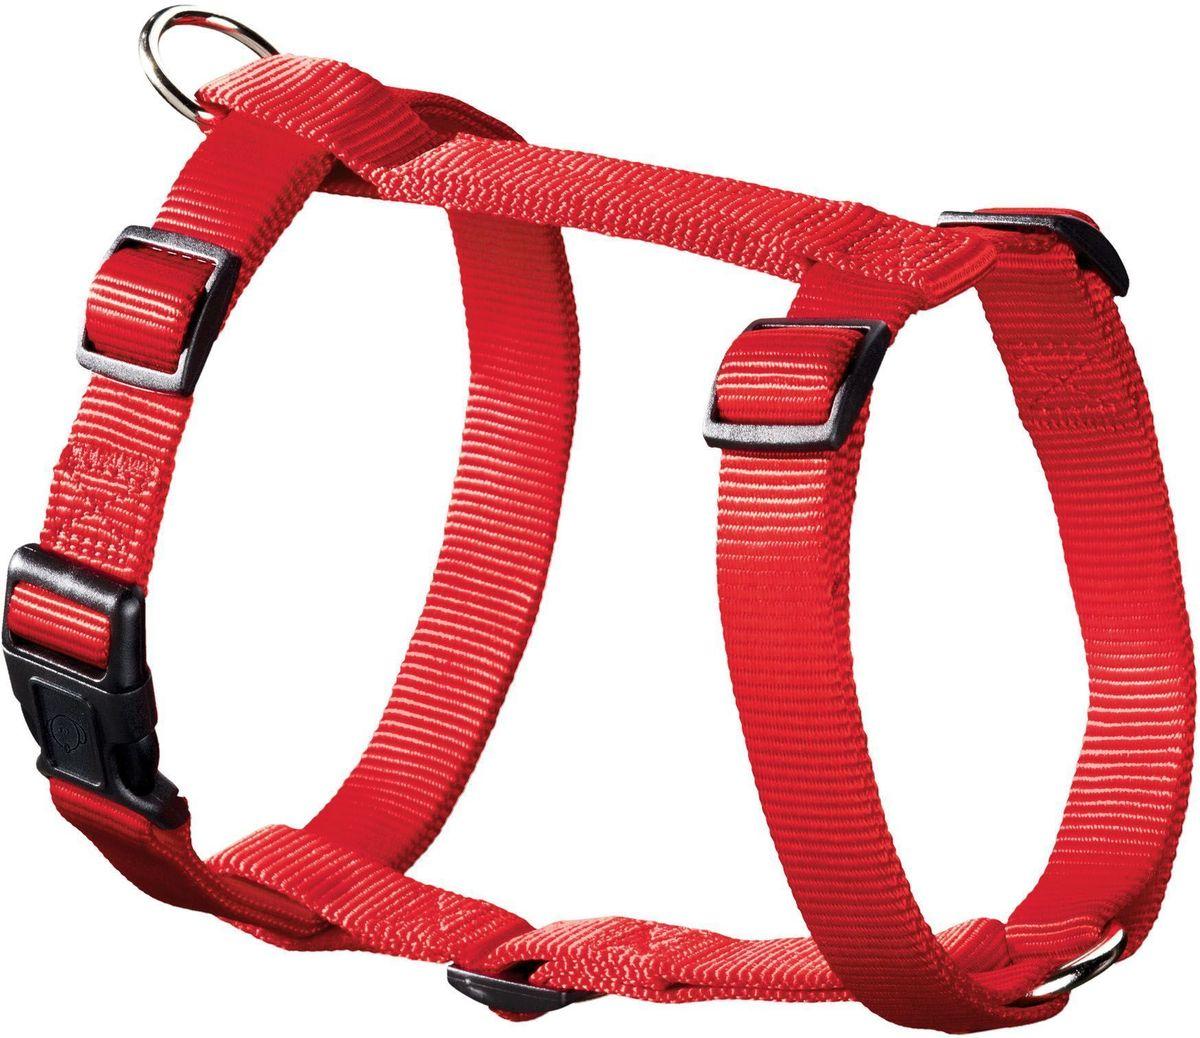 Шлейка для собак Hunter Smart. Ecco Sport XS, нейлоновая, обхват шеи: 23-35 см, обхват груди: 25-41 см, цвет: красный шлейка для собак hunter ecco sport xs 23 35 25 41 см нейлон лиловый